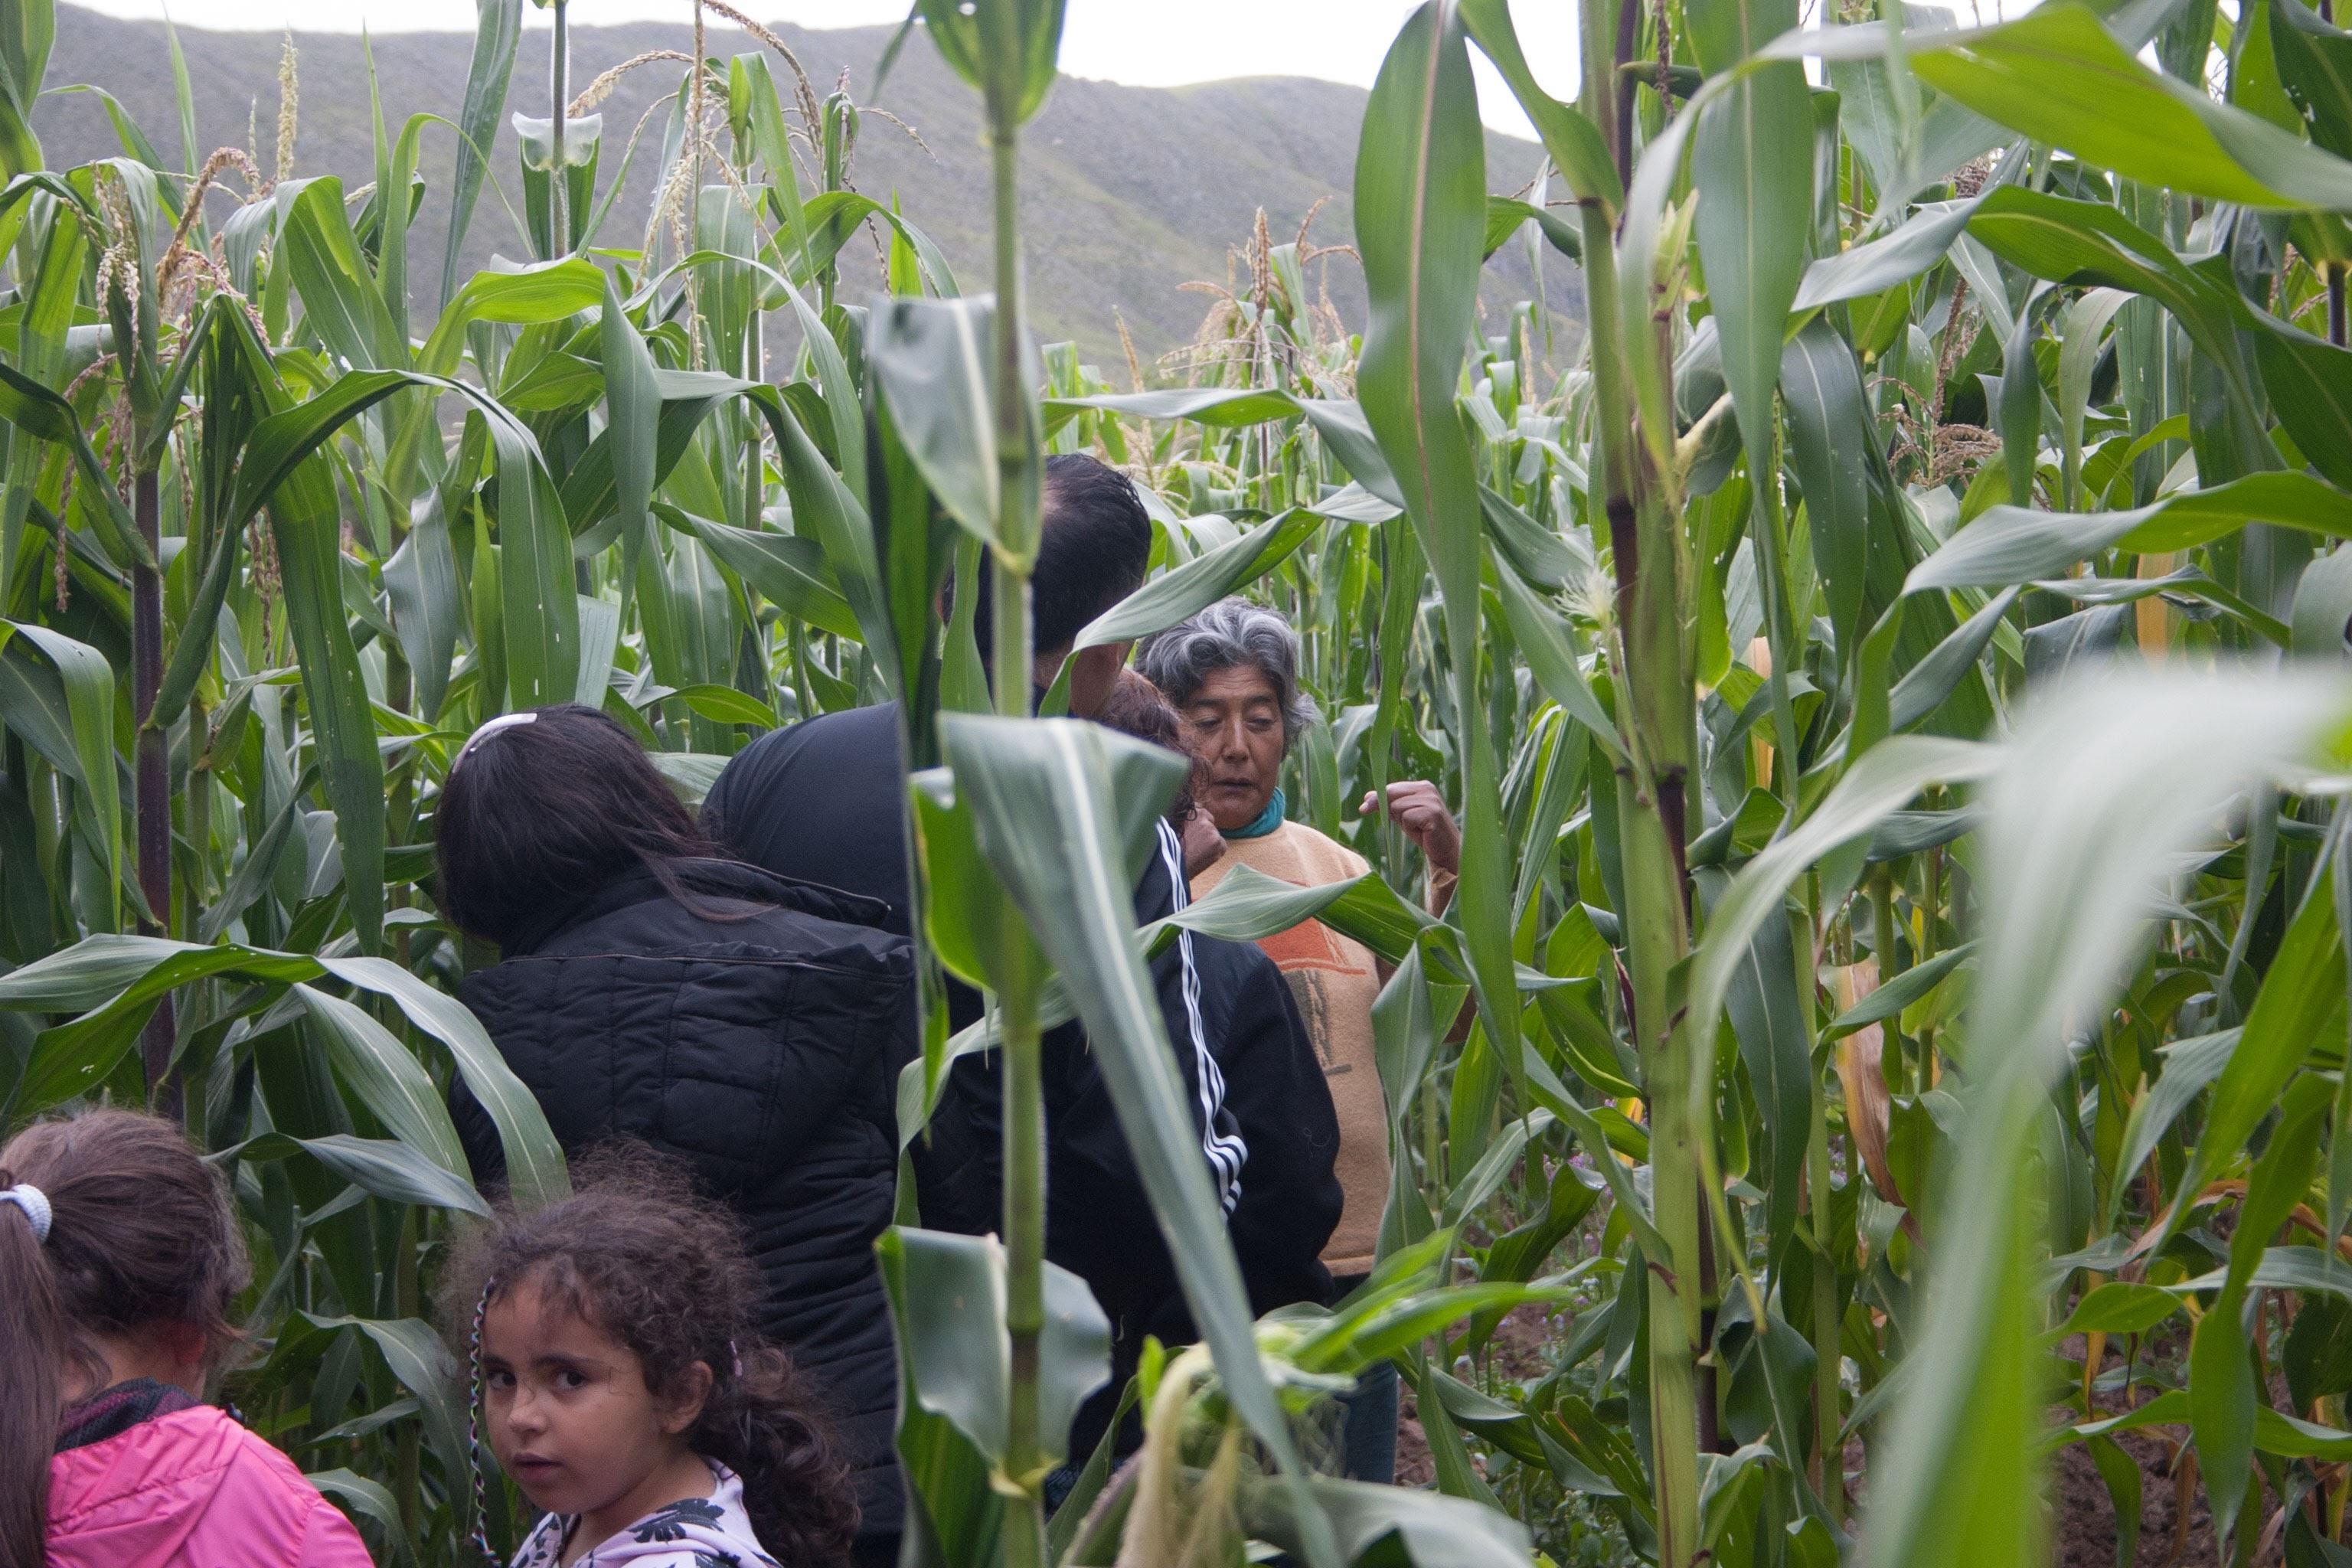 Doña Angela, entre leyendas, pan y su chacra, un viaje al pasado - Tafí del Valle